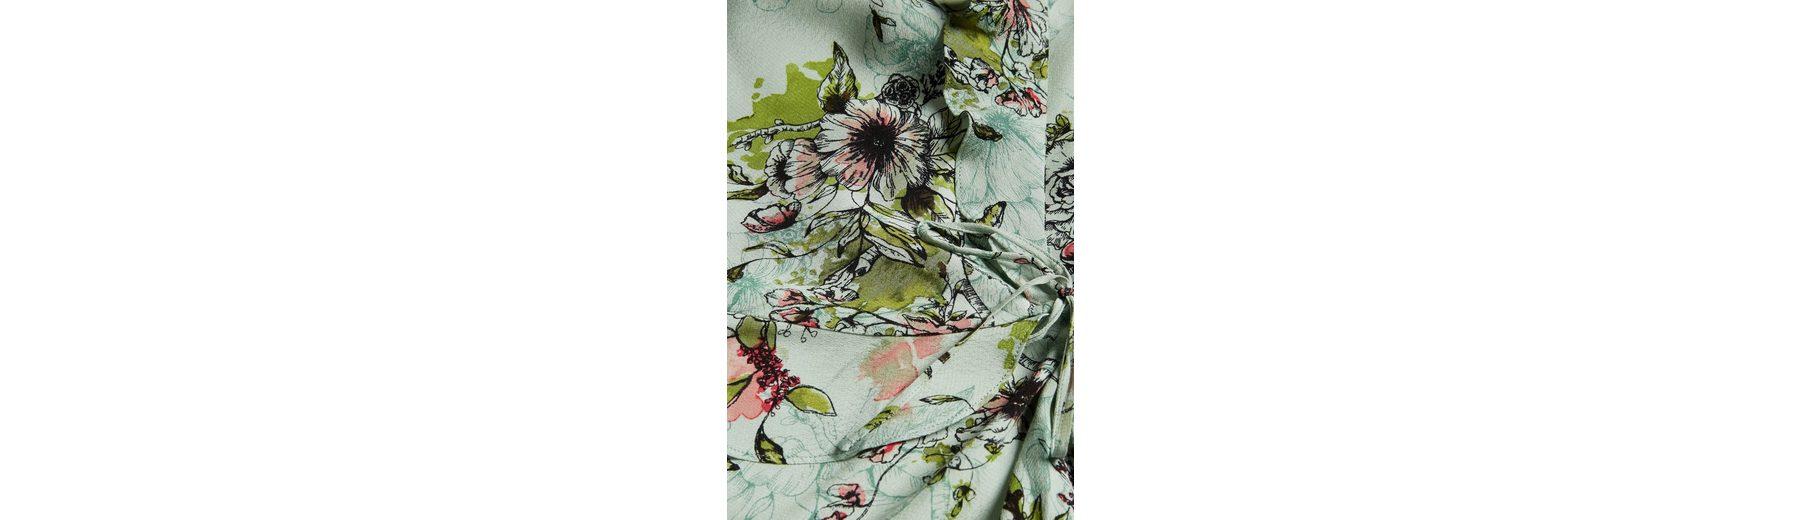 Next Top mit Spitzen-Print 2018 Zum Verkauf Billig Verkaufen Mode-Stil Versorgung Günstiger Preis Verkauf Amazon nWIFZm85xL